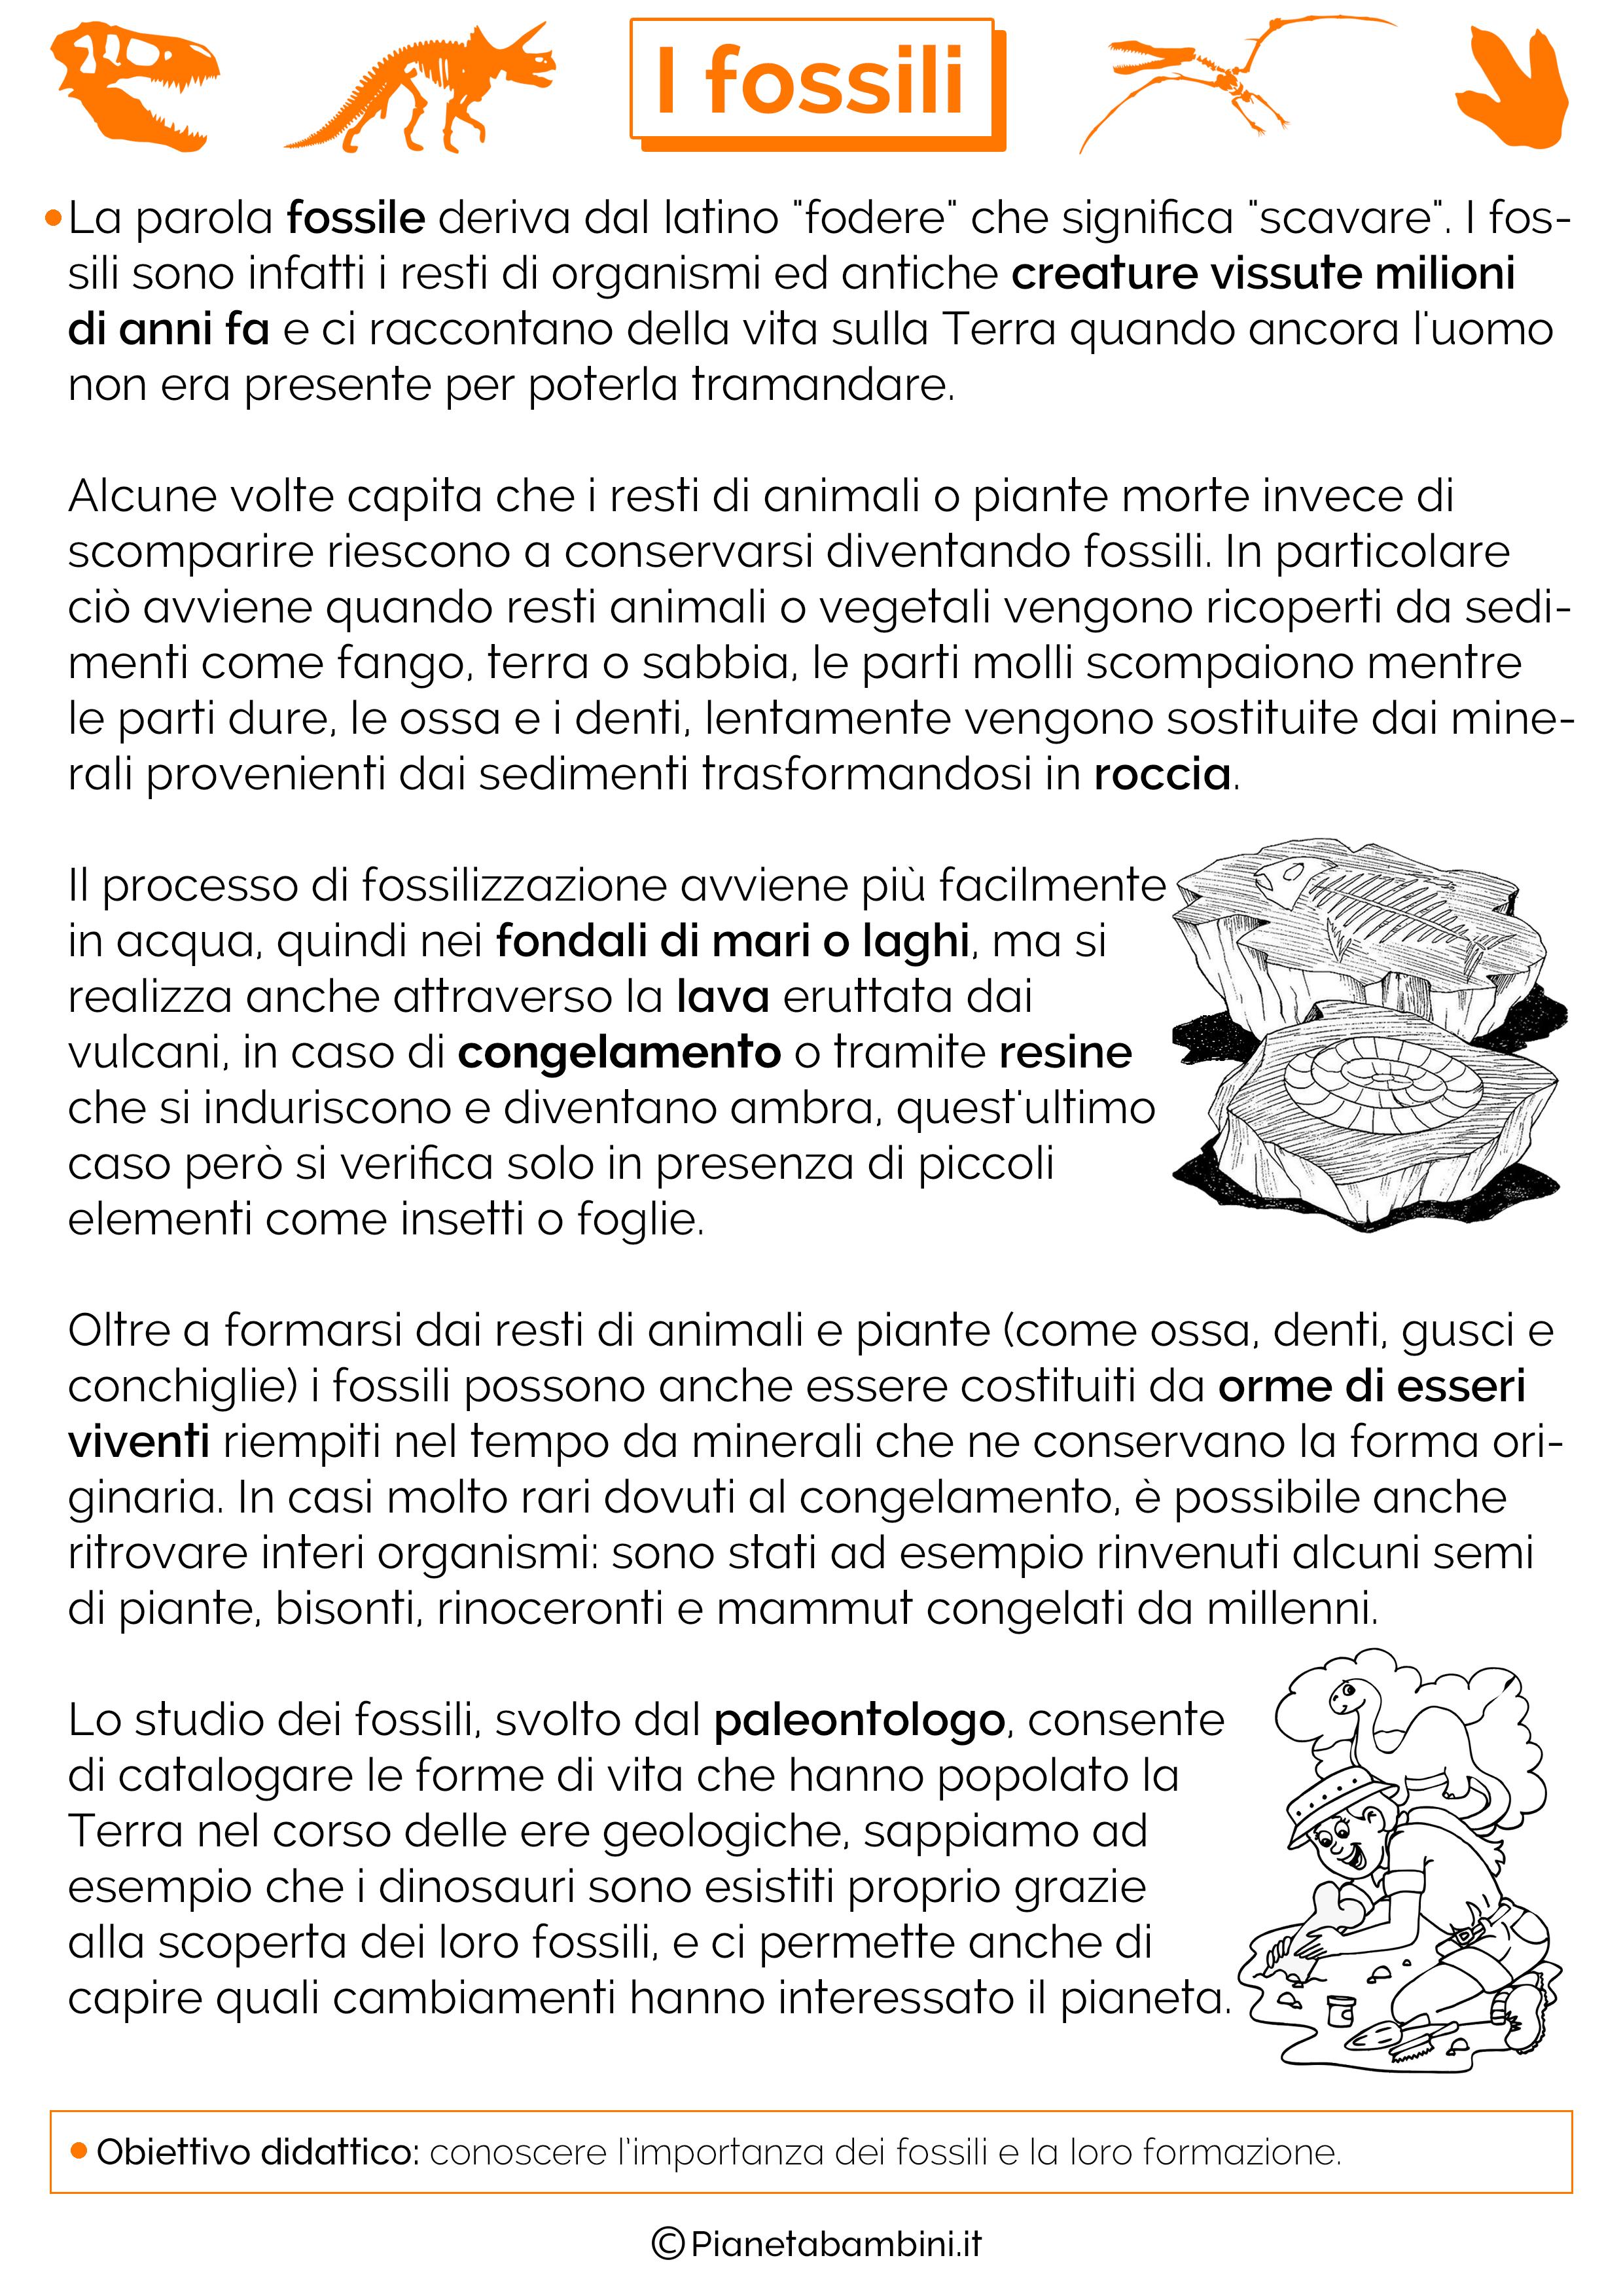 I Fossili Schede Didattiche Per La Scuola Primaria Pianetabambini It